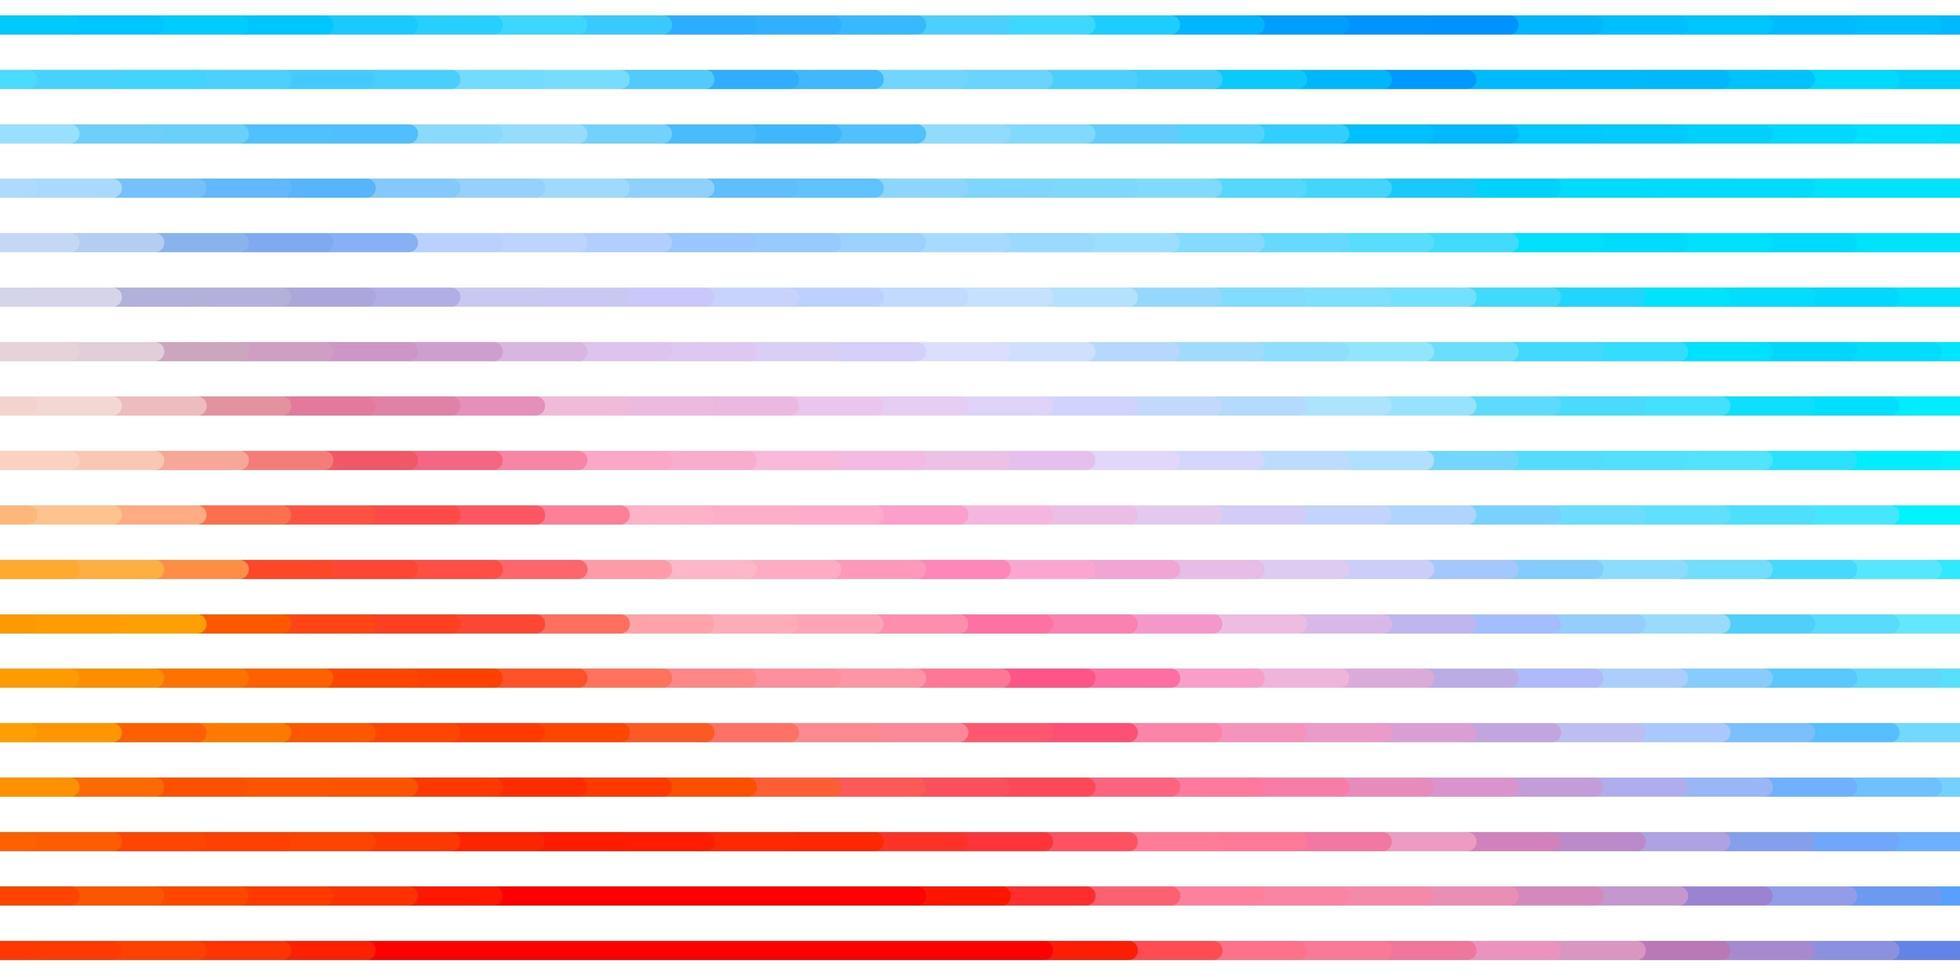 ljusblå, röd vektor bakgrund med linjer.